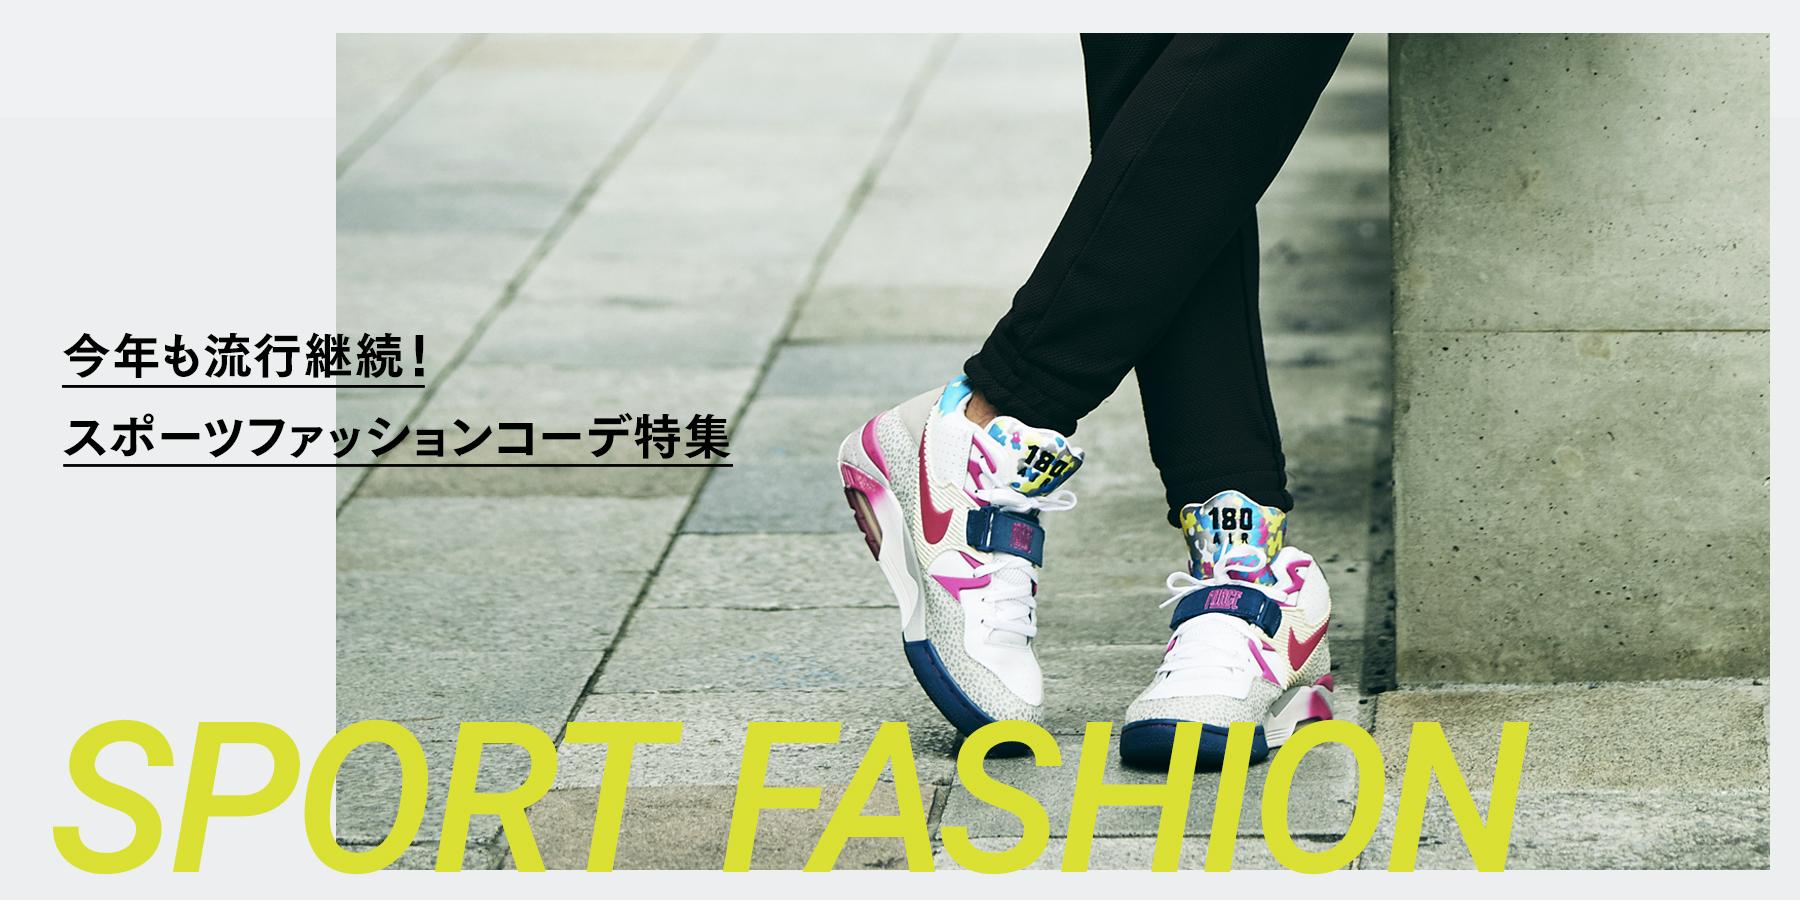 今年も流行継続!スポーツファッションコーデ特集